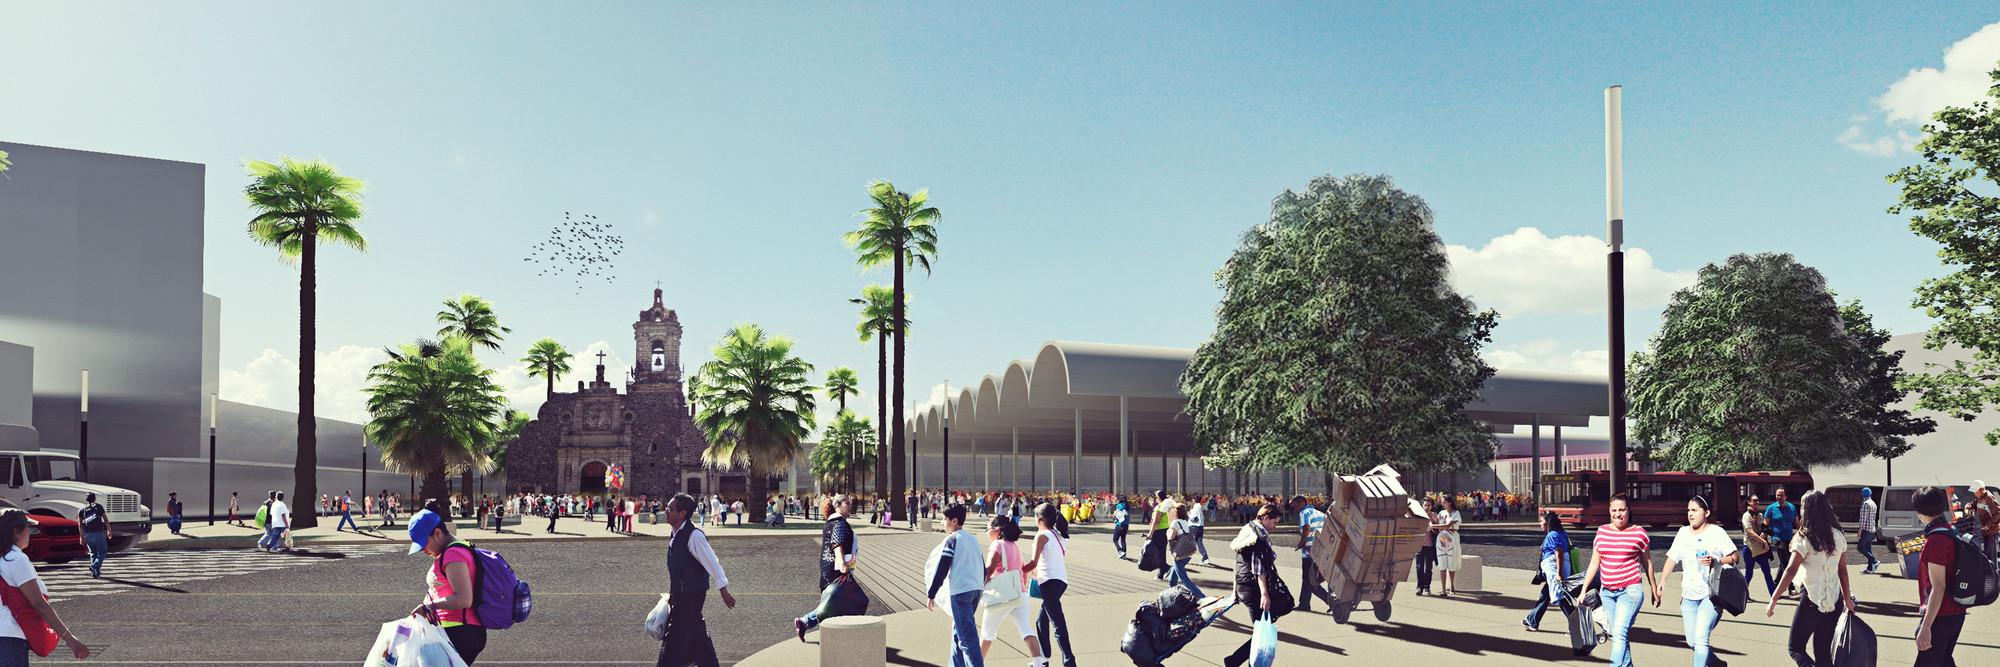 Vista metro Merced. Image Courtesy of José Muñoz Villers y Carlos Marín